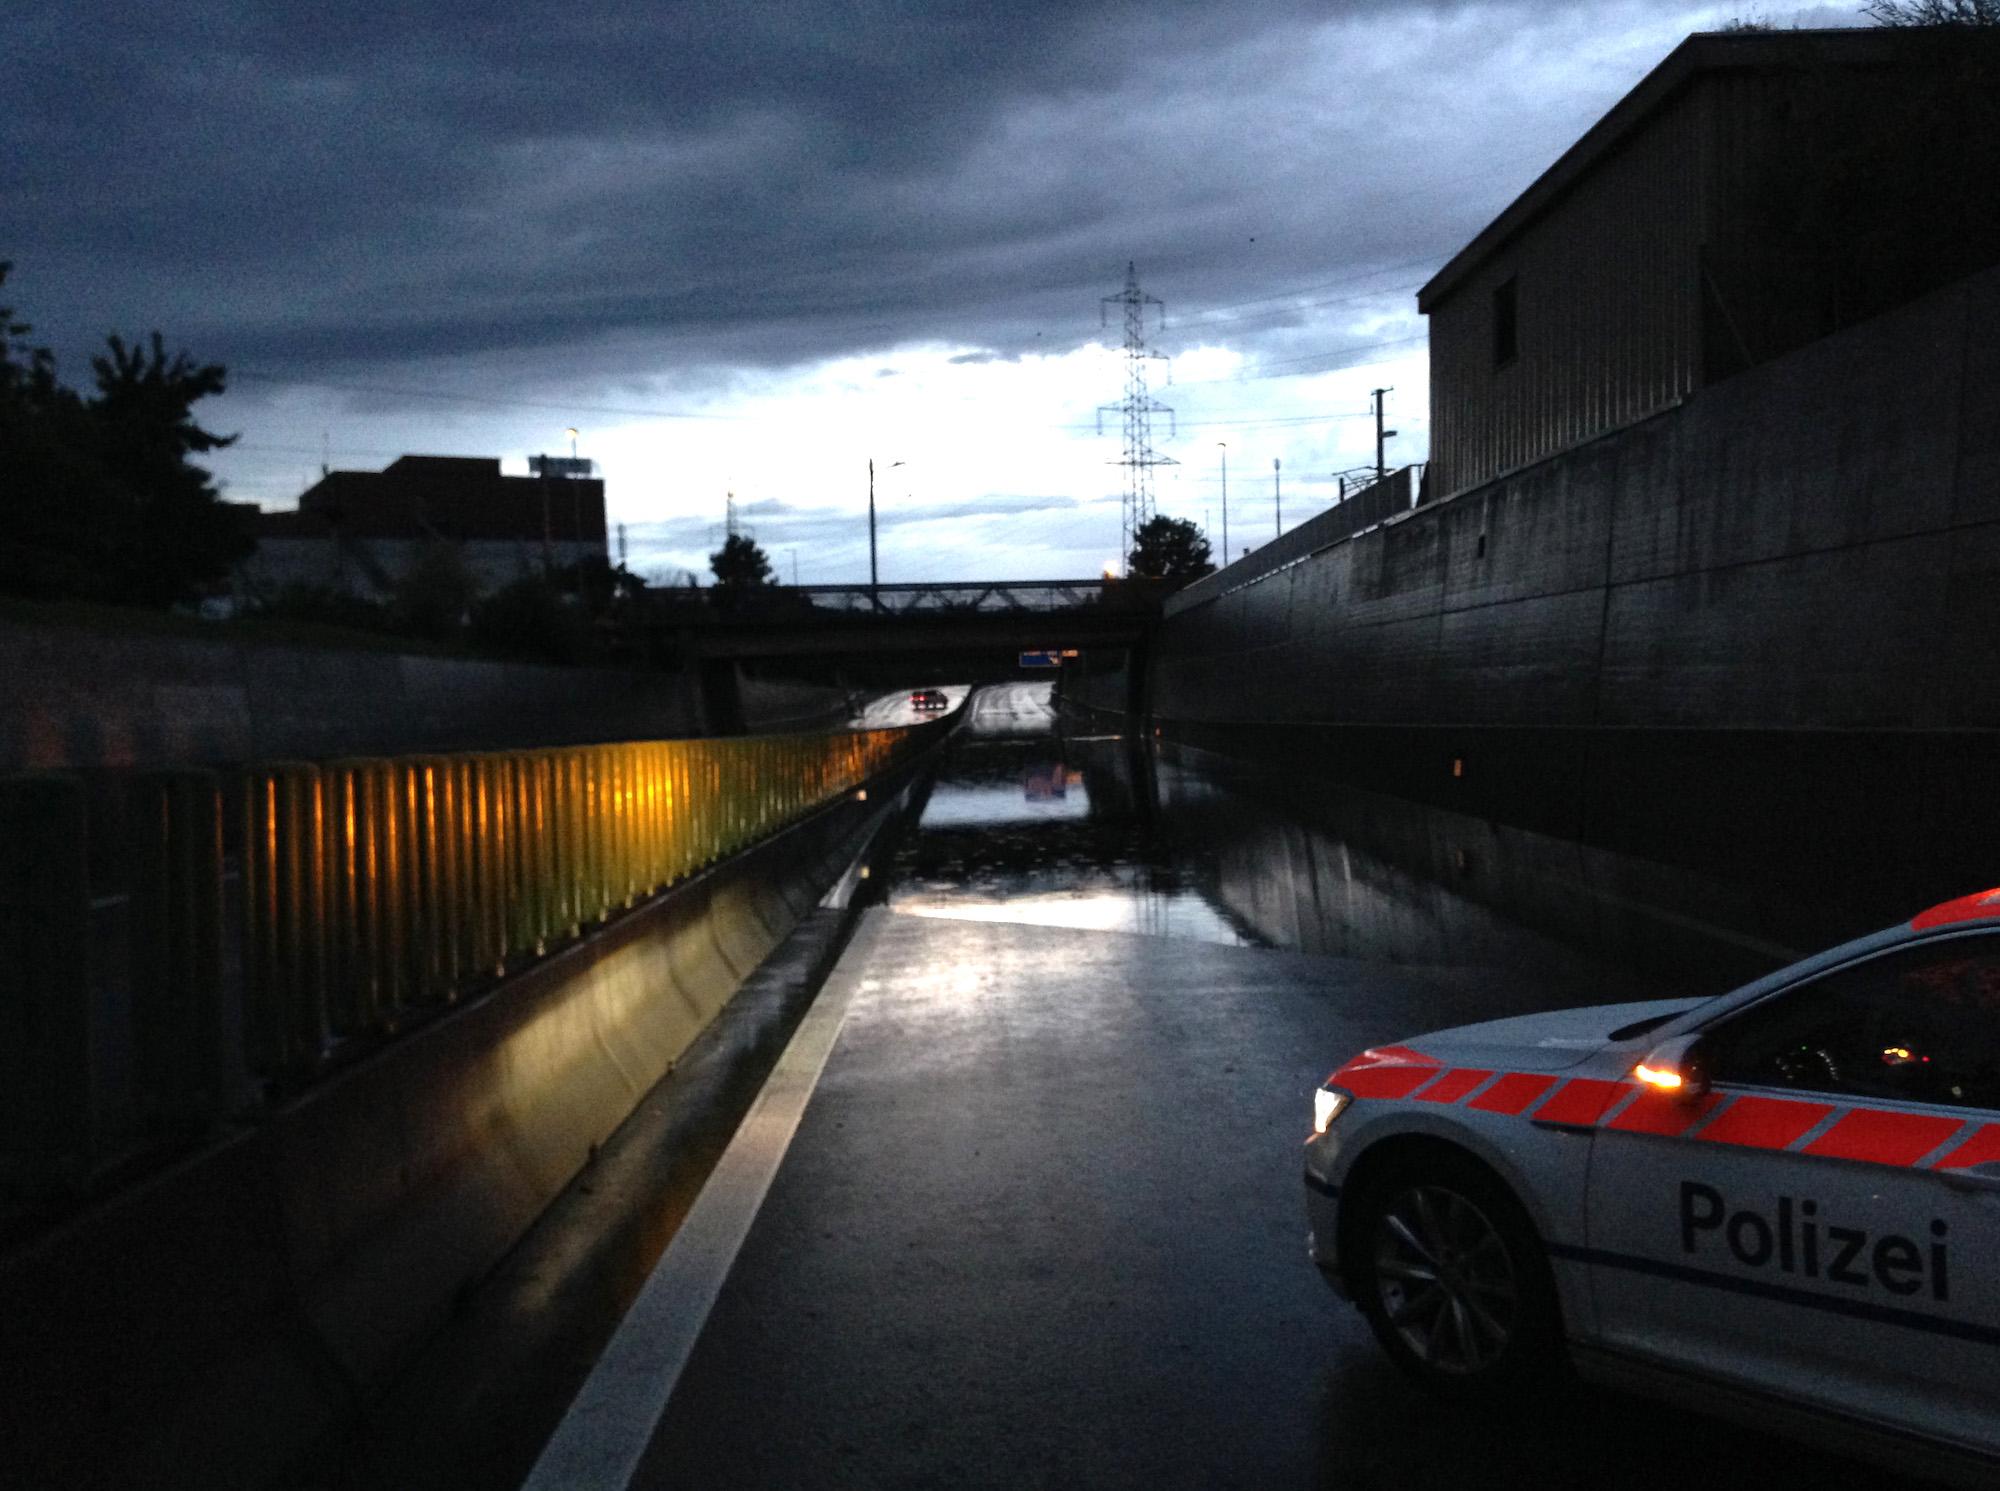 Weltuntergangsstimmung auf der A4a zwischen Zug und Baar: Die Autobahn wurde wegen Hochwassers gesperrt.